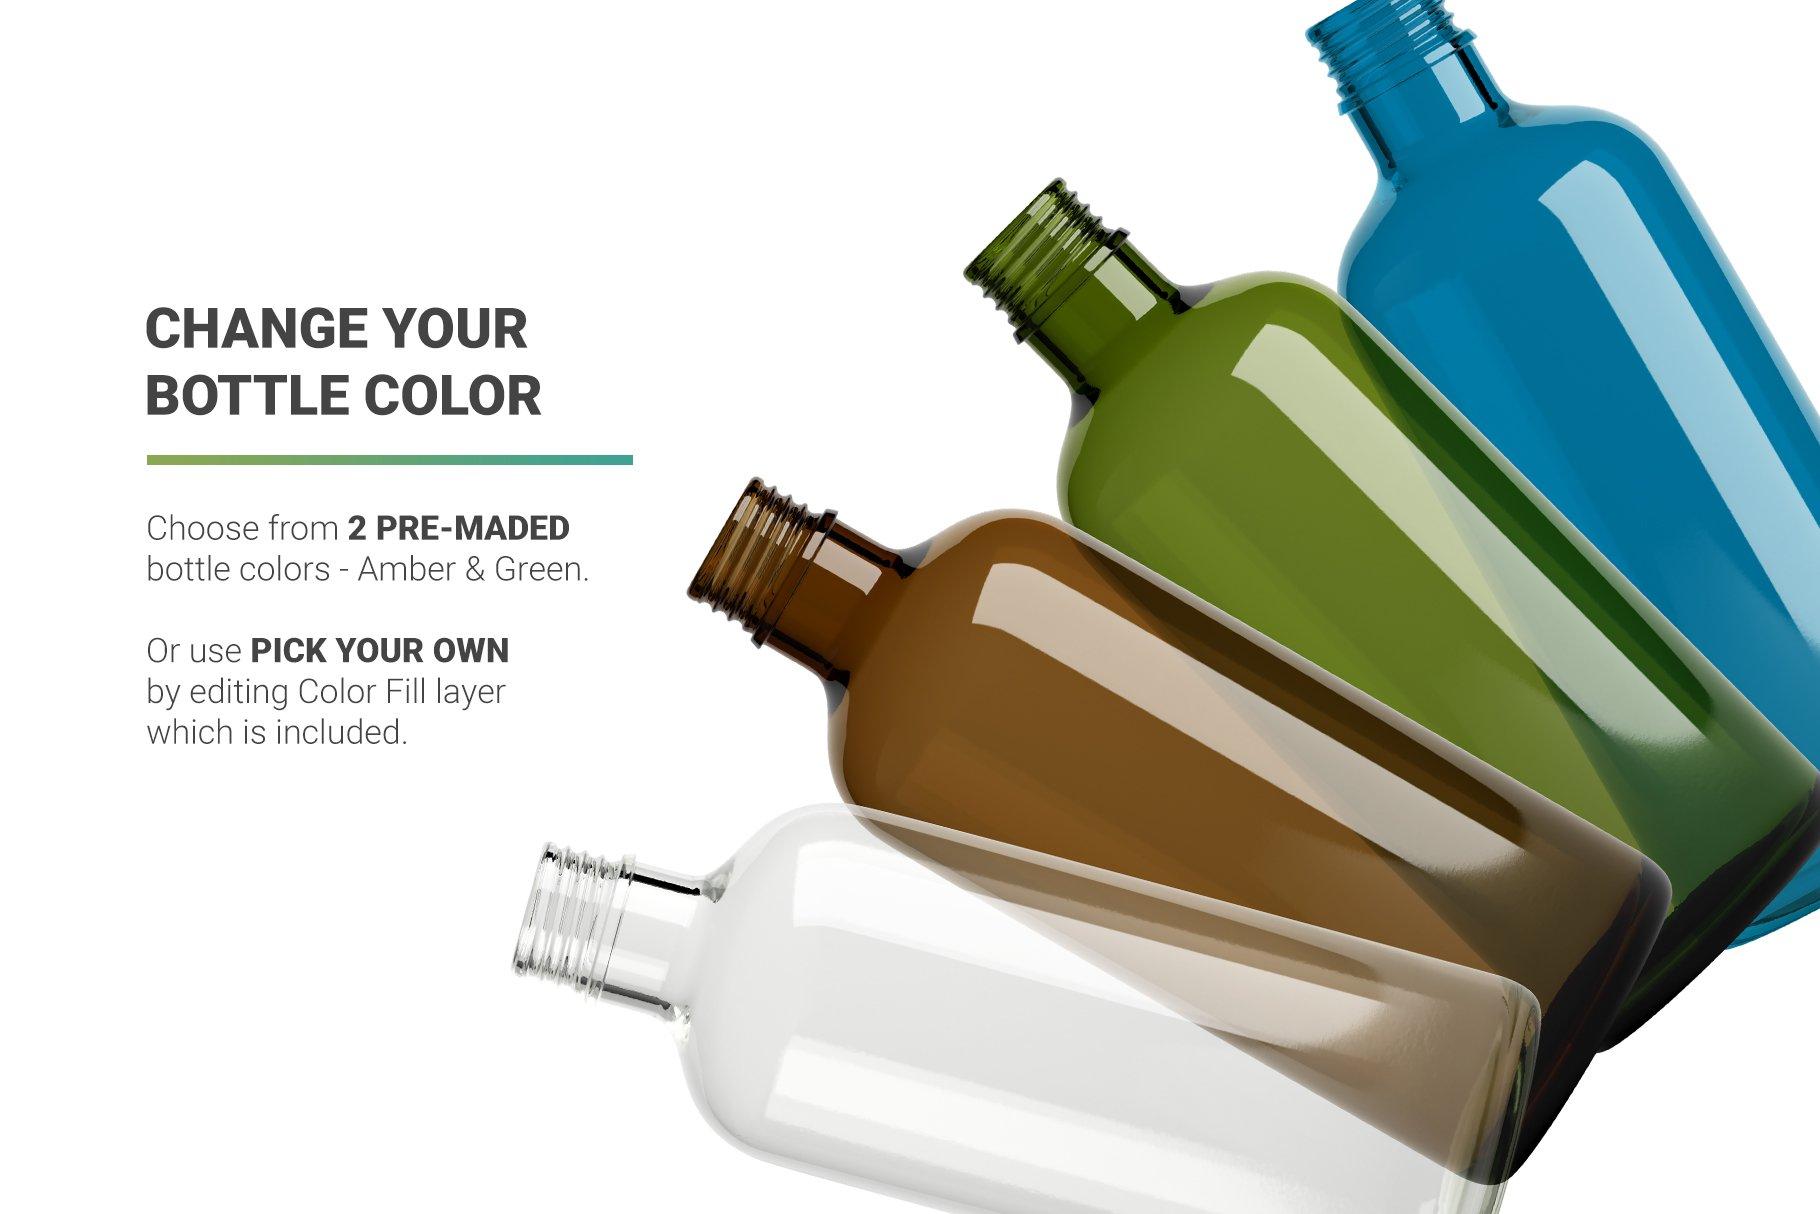 透明果汁玻璃瓶设计展示样机 Juice Bottle Mockup插图(1)